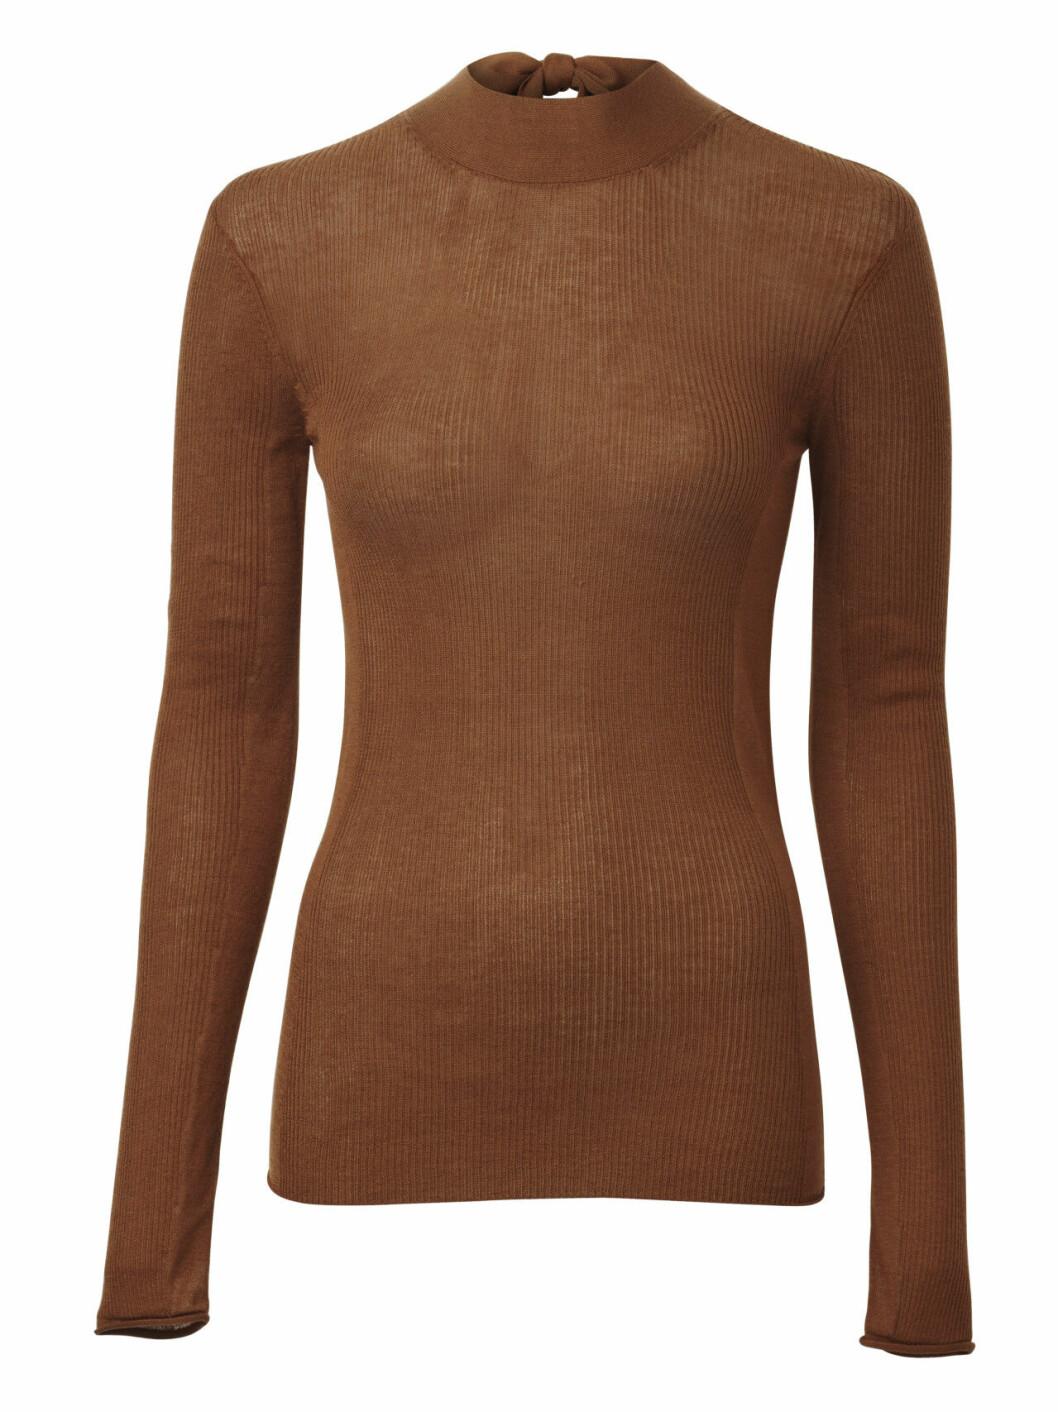 H&M Conscious Exclusive AW19 –brun tröja